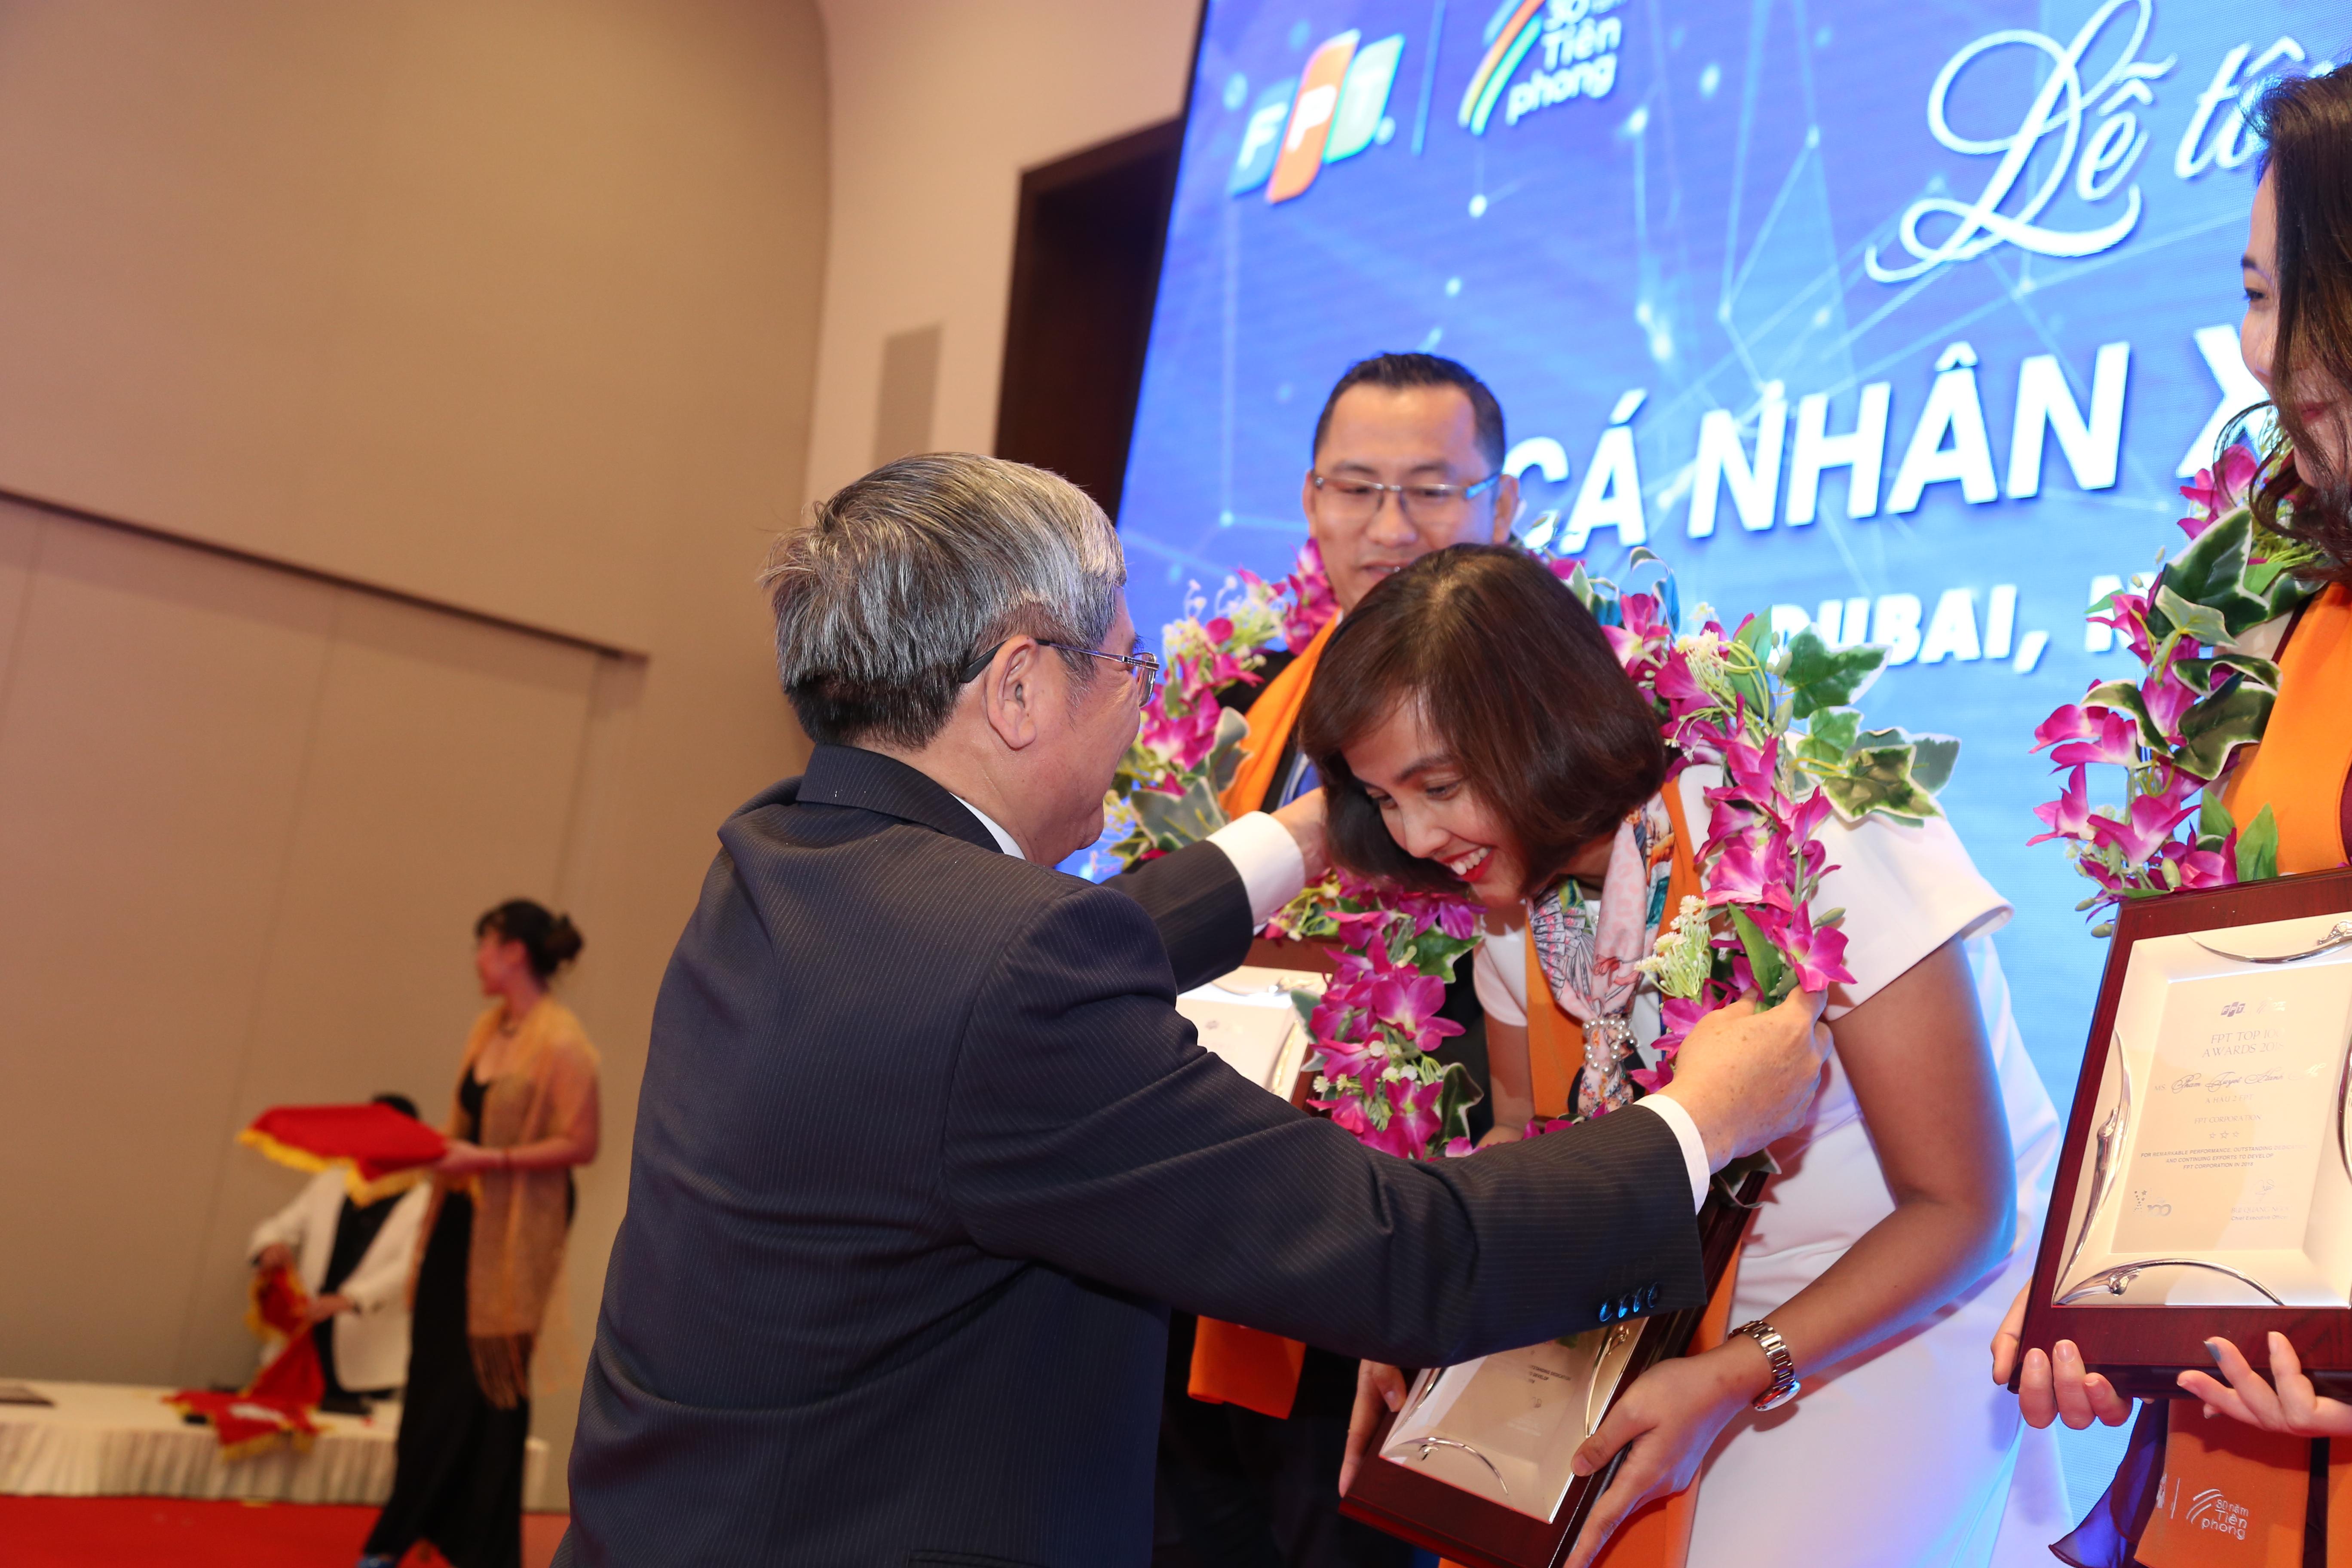 Phần tôn vinh đặc biệt dành cho 3 CBNV có thành tích xuất sắc nhất Tập đoàn năm 2018: Hoa hậu Nguyễn Đỗ Quyên (FPT Retail); 2 Á hậu lần lượt thuộc về anh Diệp Minh Hoàng (FPT Telecom) và chị Phạm Tuyết Hạnh Hà (FPT Education).